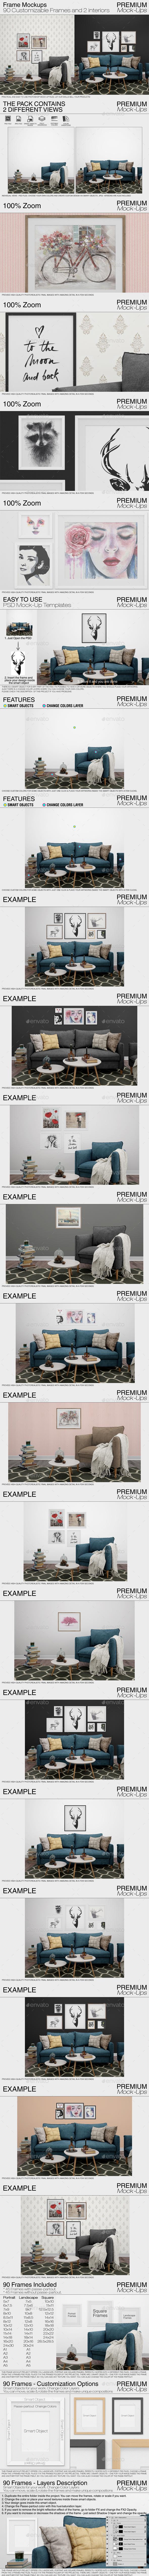 GraphicRiver Frame Mockups 20820763